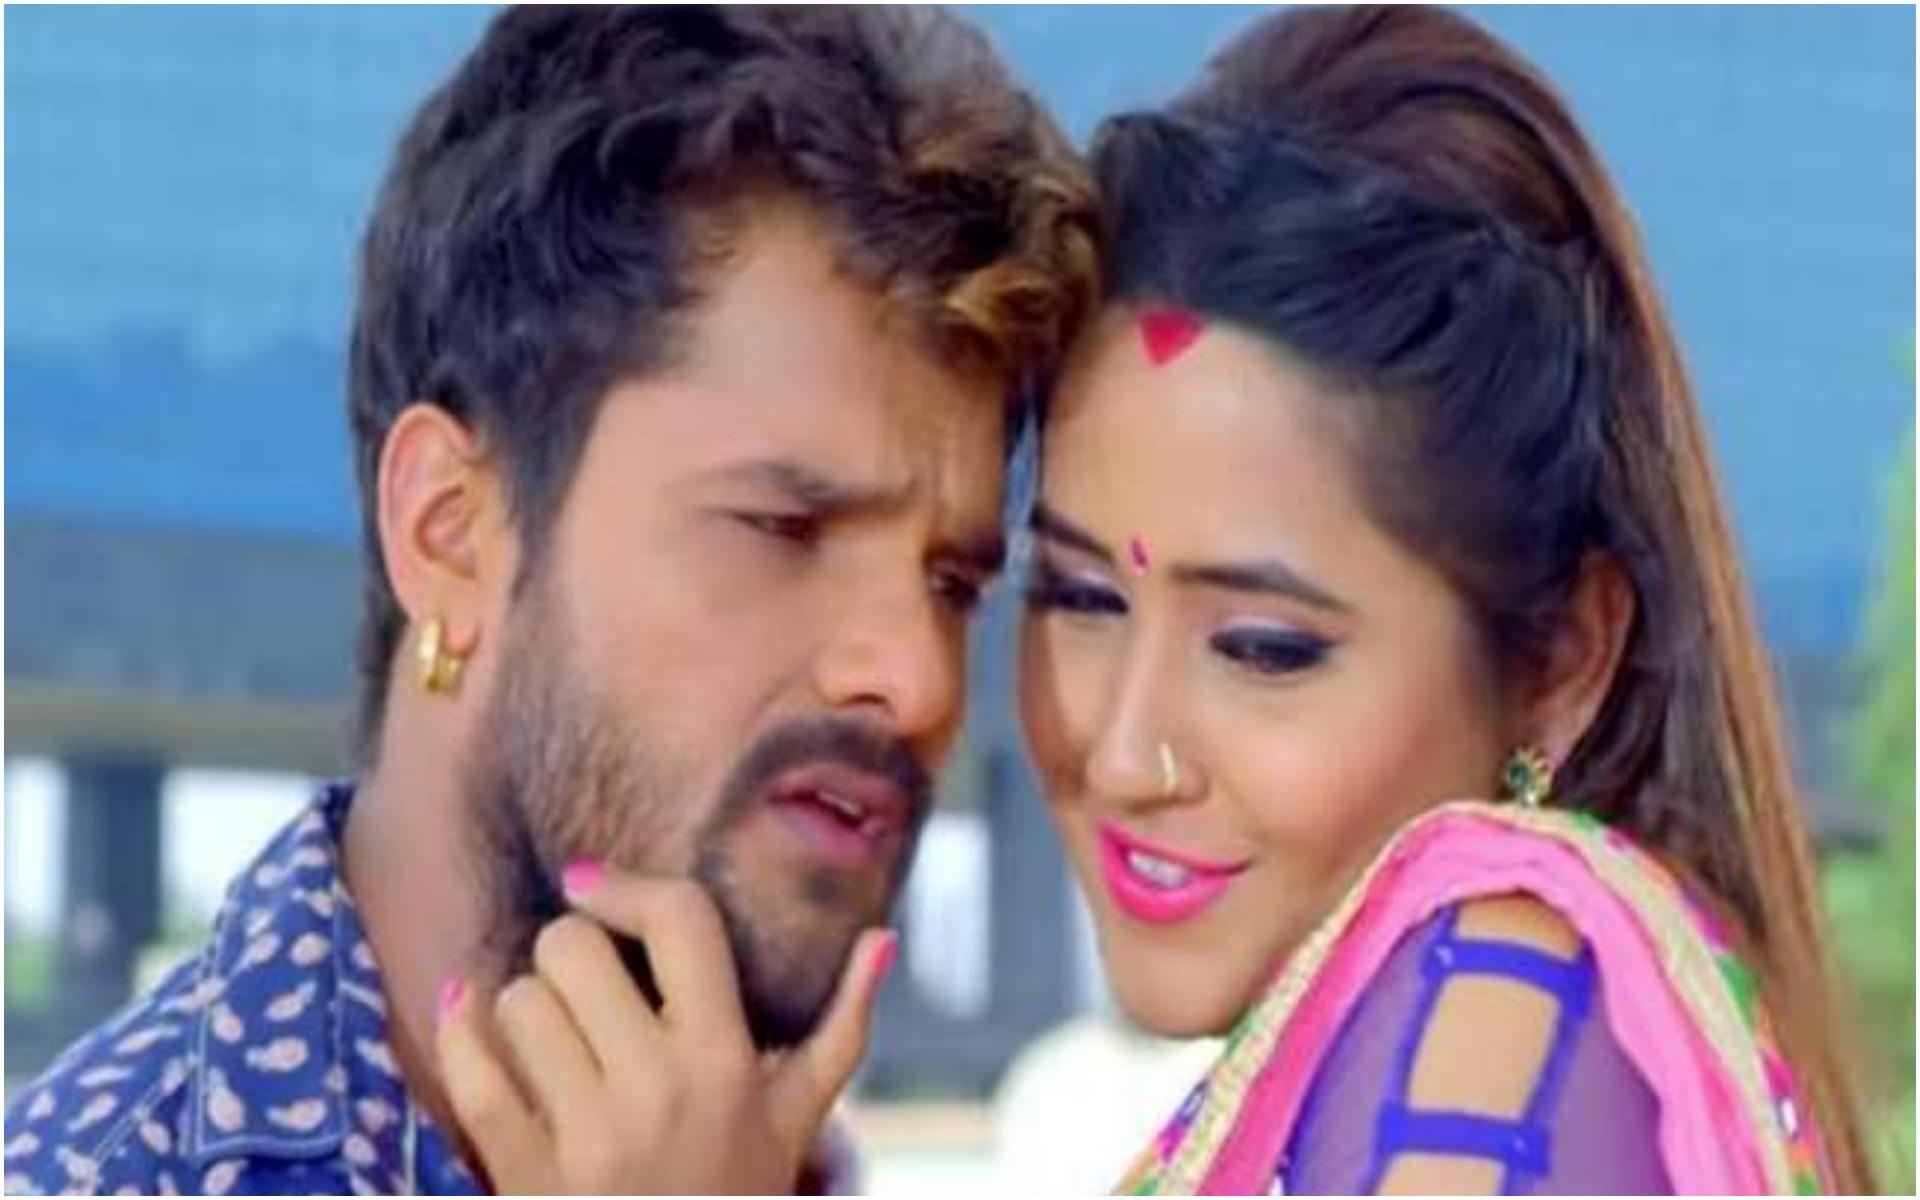 Bhojpuri Song: खेसारी लाल ने काजल राघवानी के साथ रोमांटिक अंदाज में मचाया धमाल, देखें वीडियो